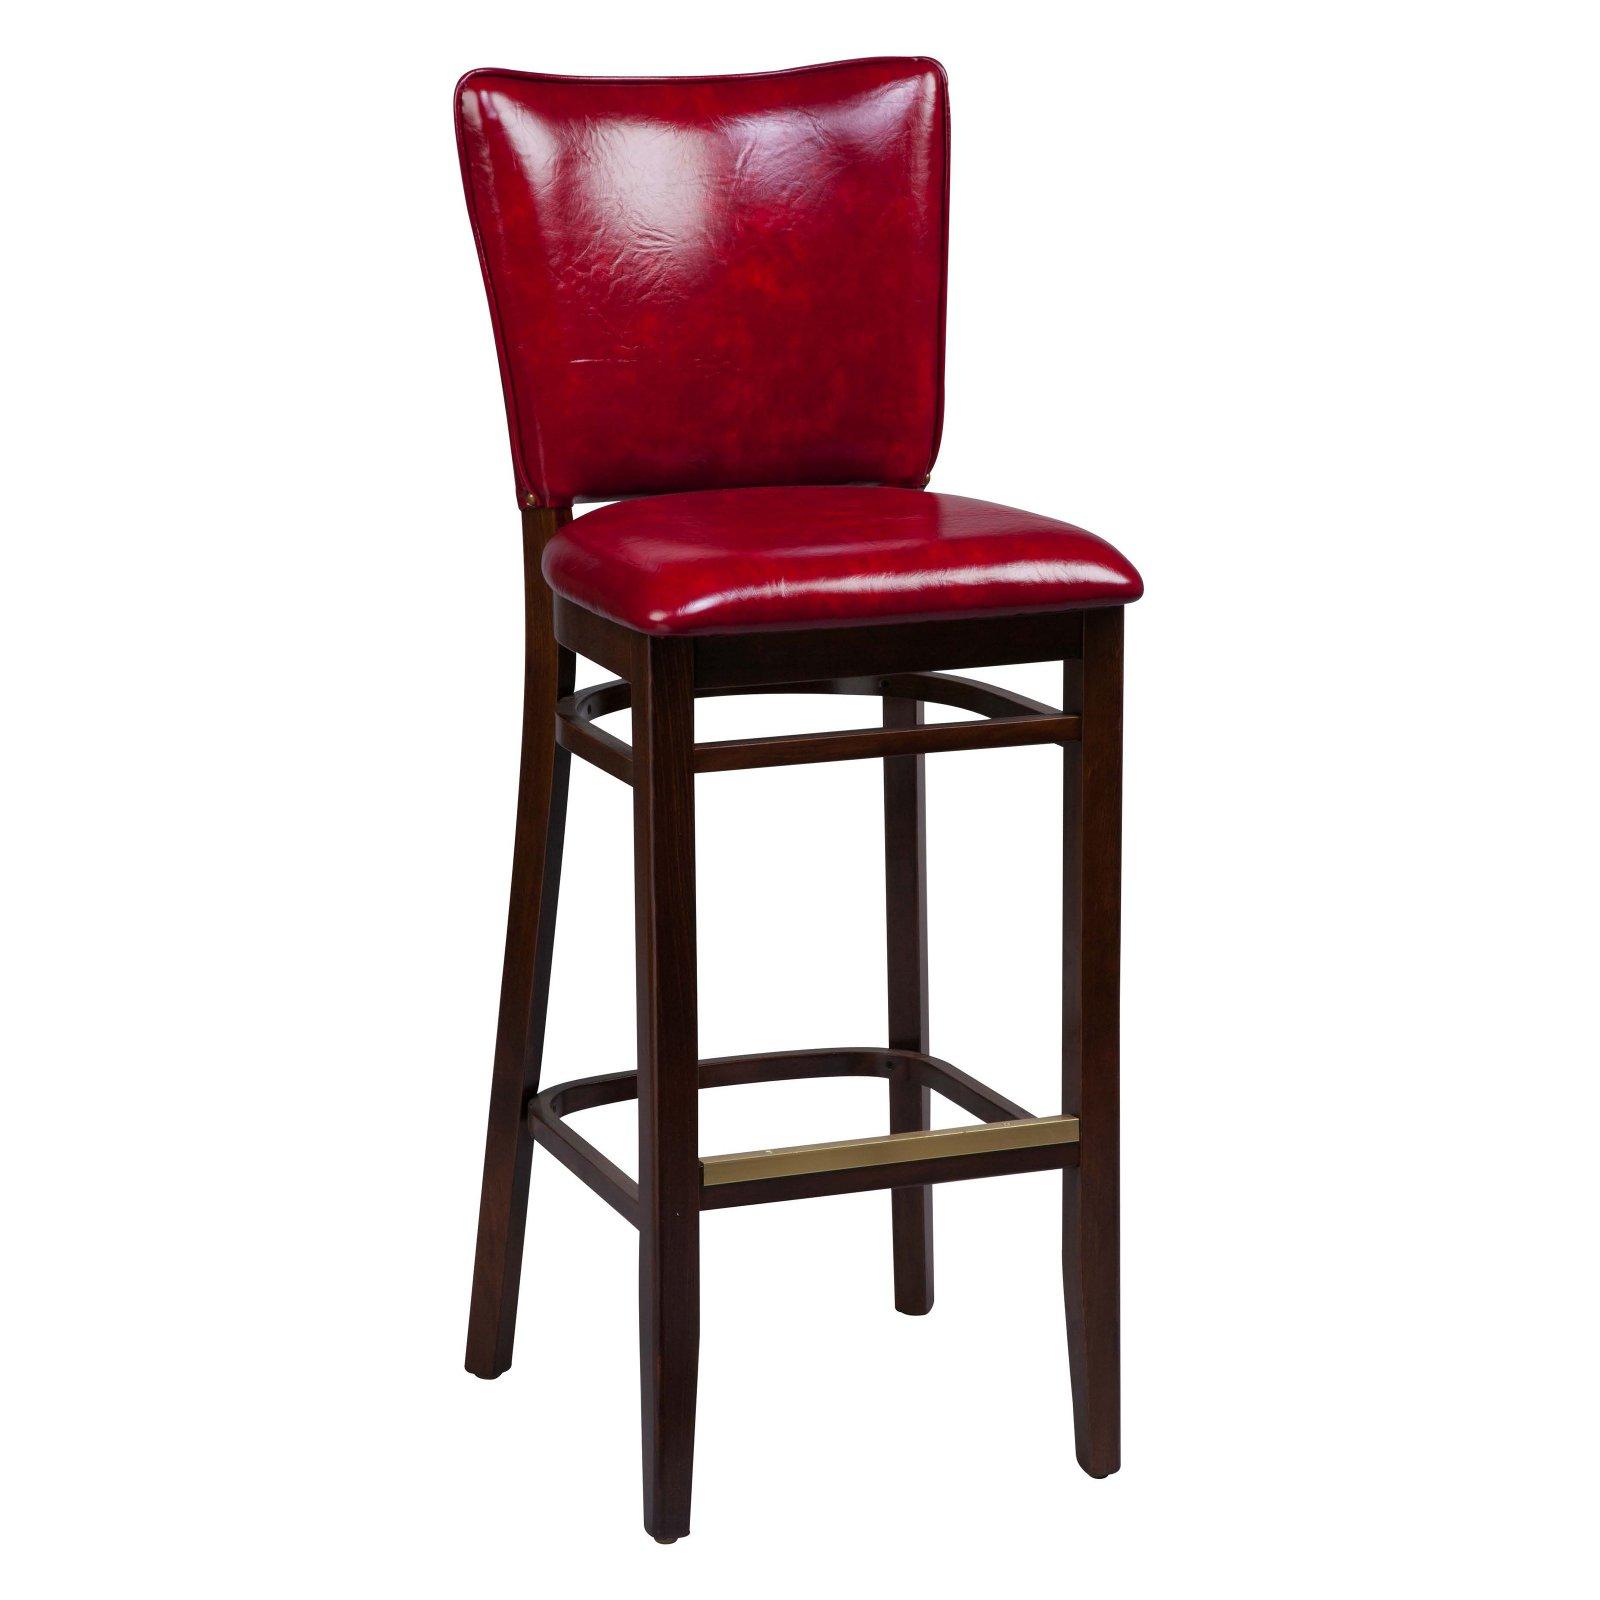 Regal Beechwood 2440 Bar Stool Fully Upholstered Seat And Back Black In 2020 Bar Stools Stool Bar Stool Buying Guide